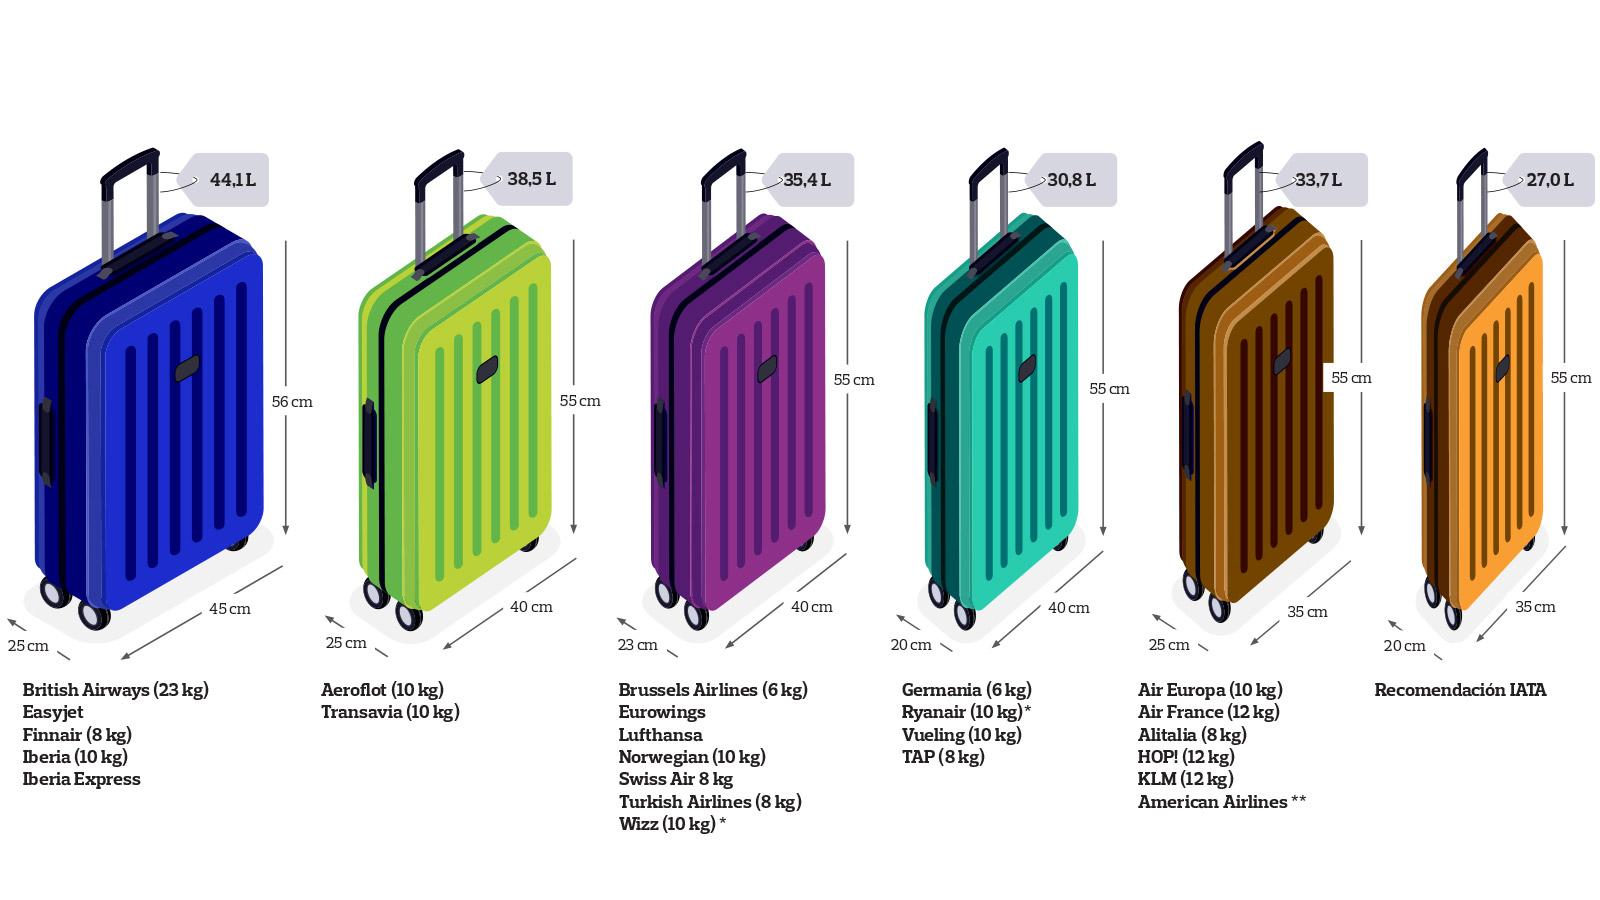 humor Hablar en voz alta erección  Reducción del tamaño de las maletas   OCU